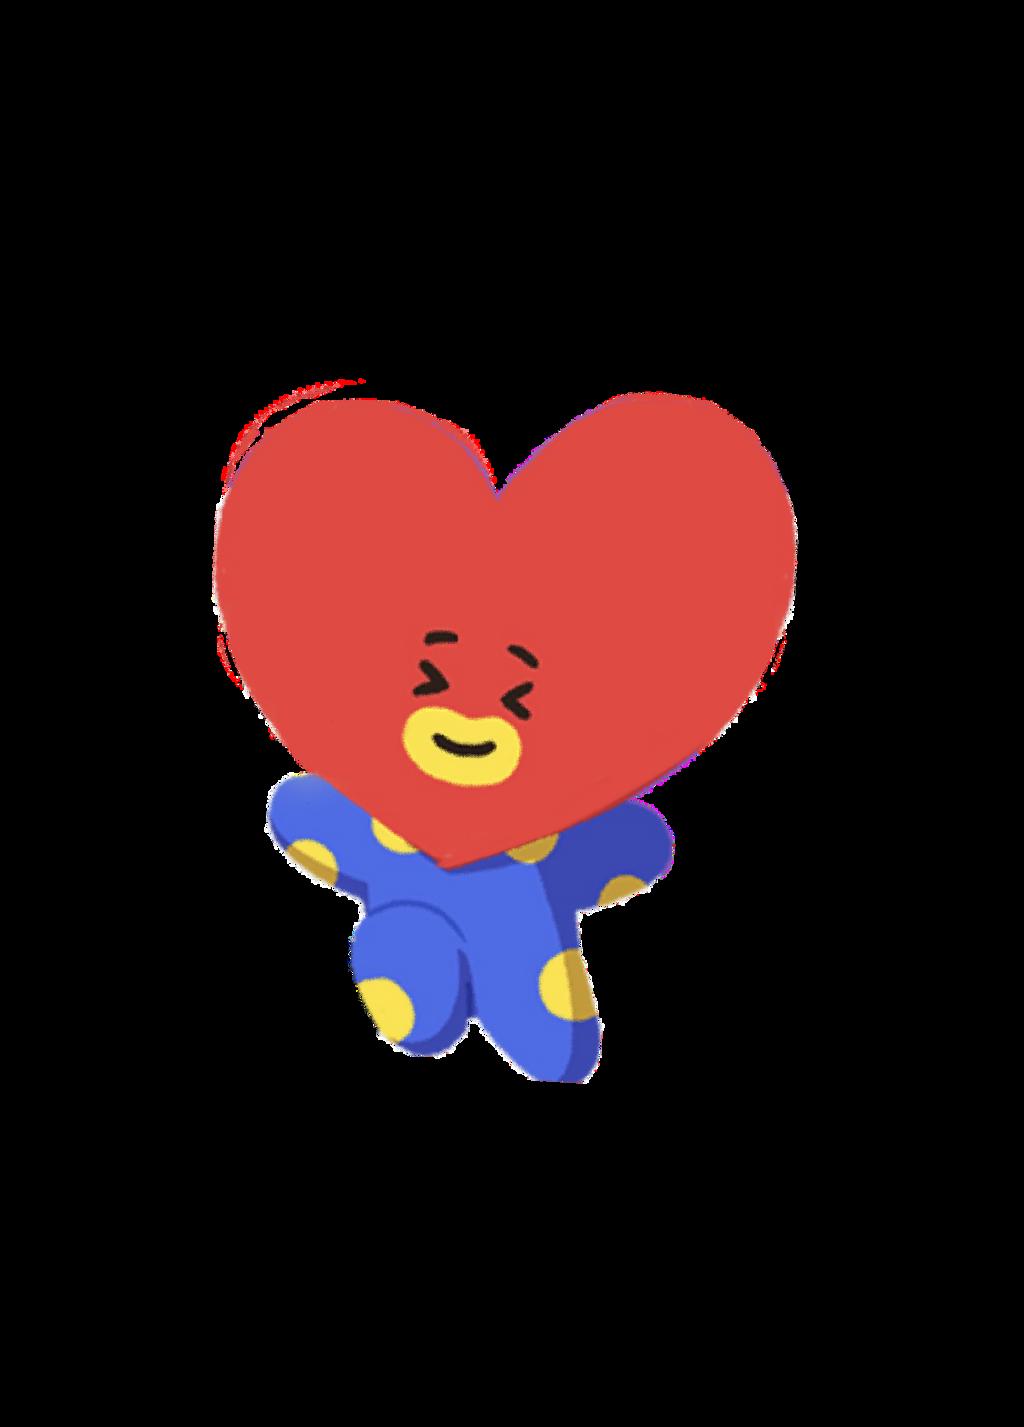 tata heart bt21 bts alien cute v happy love blue red...